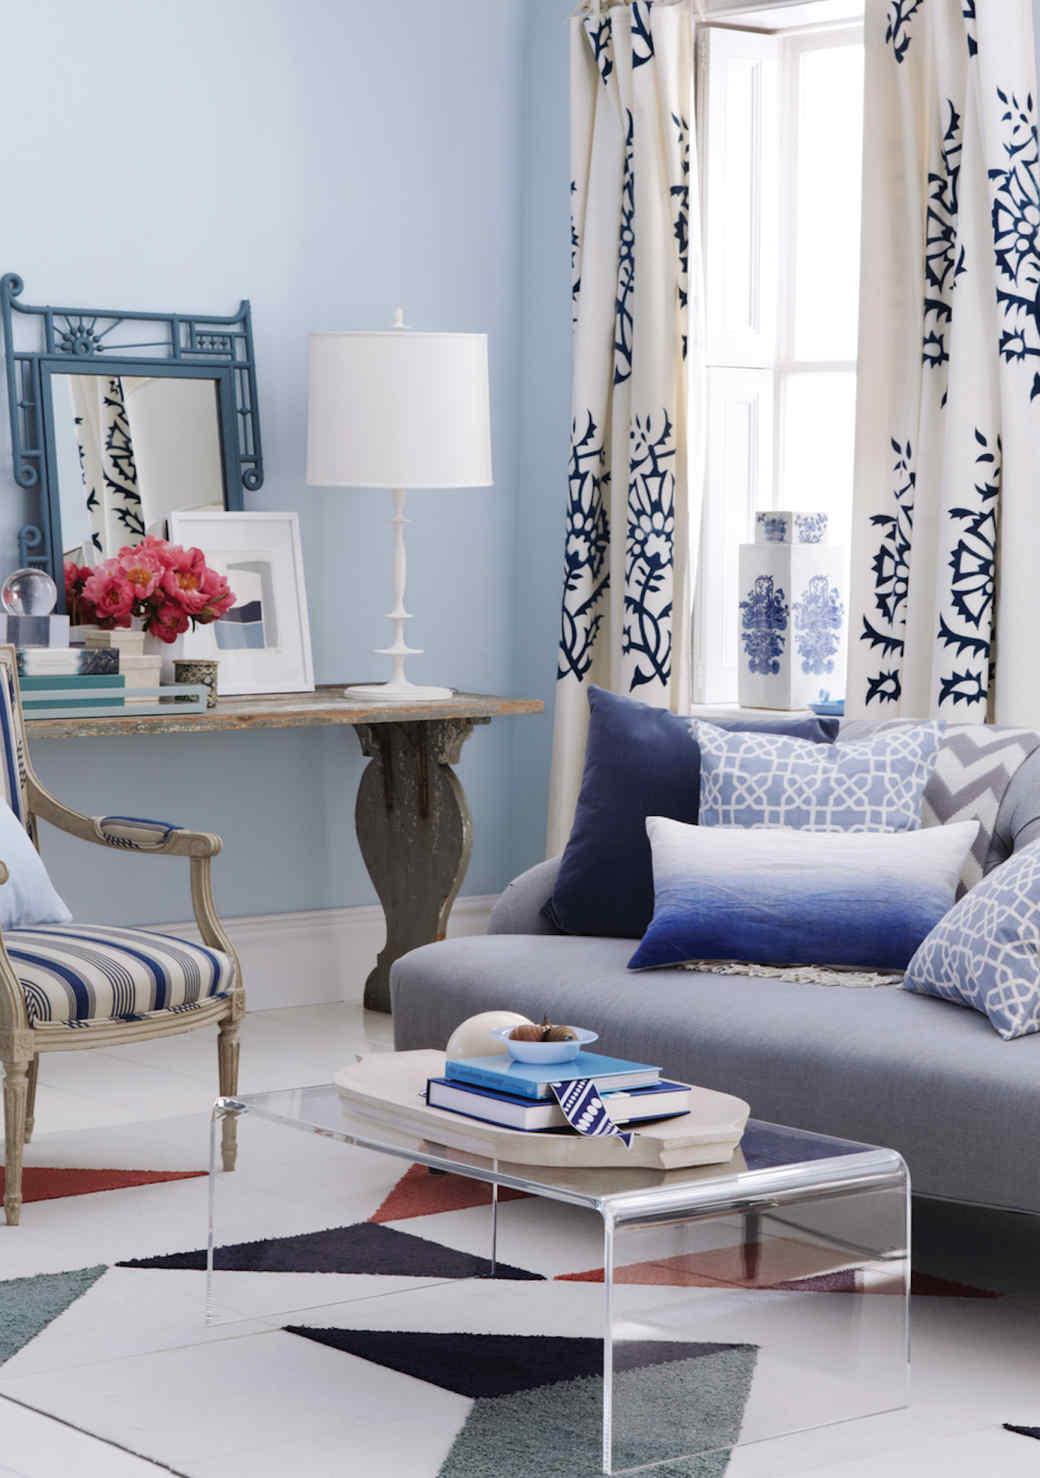 blue-living-room-1016.jpg (skyword:349114)